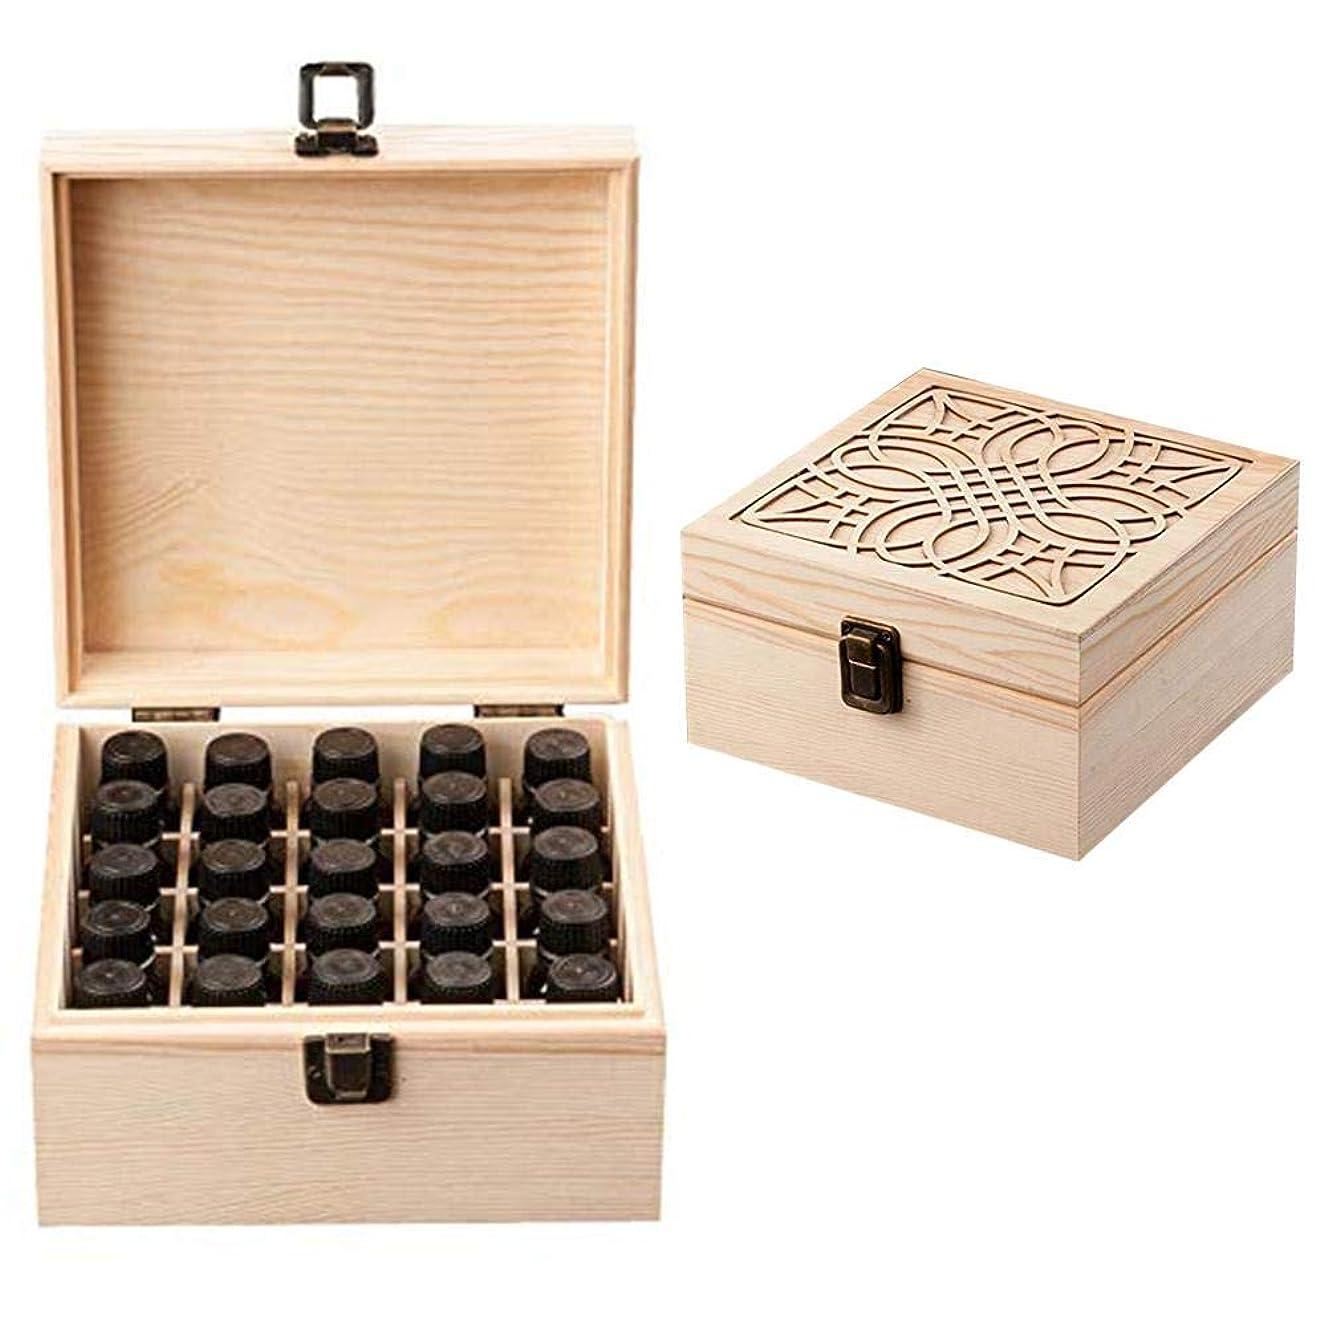 愛する出費滑りやすいエッセンシャルオイル収納ボックス 大容量 和風 レトロ 木製 精油収納 携帯便利 オイルボックス 飾り物 25本用